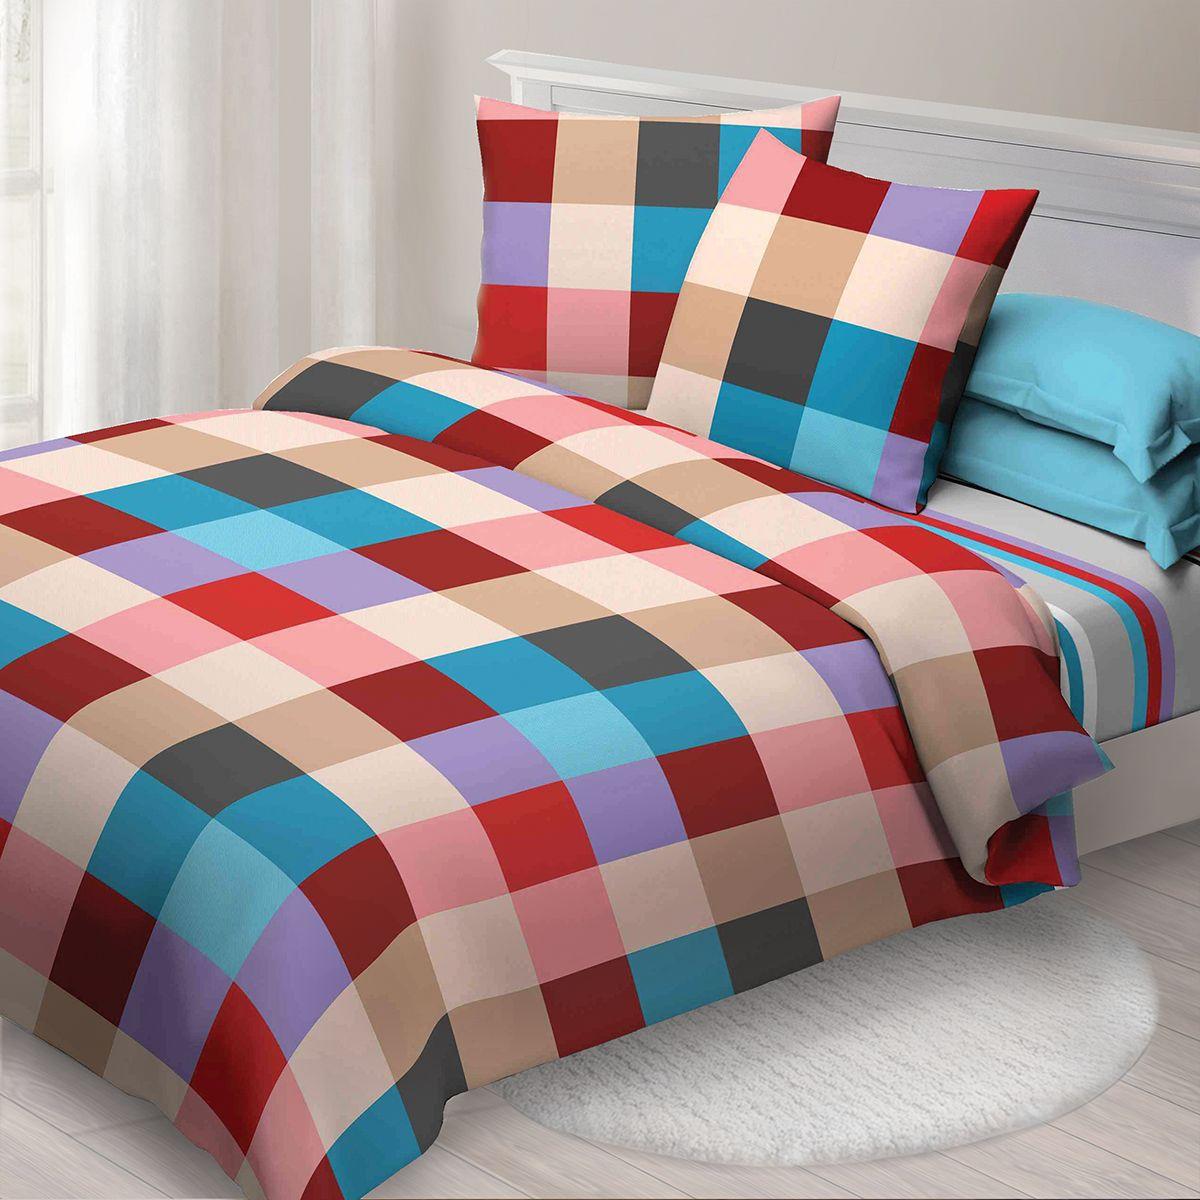 Комплект белья Спал Спалыч Рэйчел, семейный, наволочки 70x70, цвет: бордовый. 4082-182480